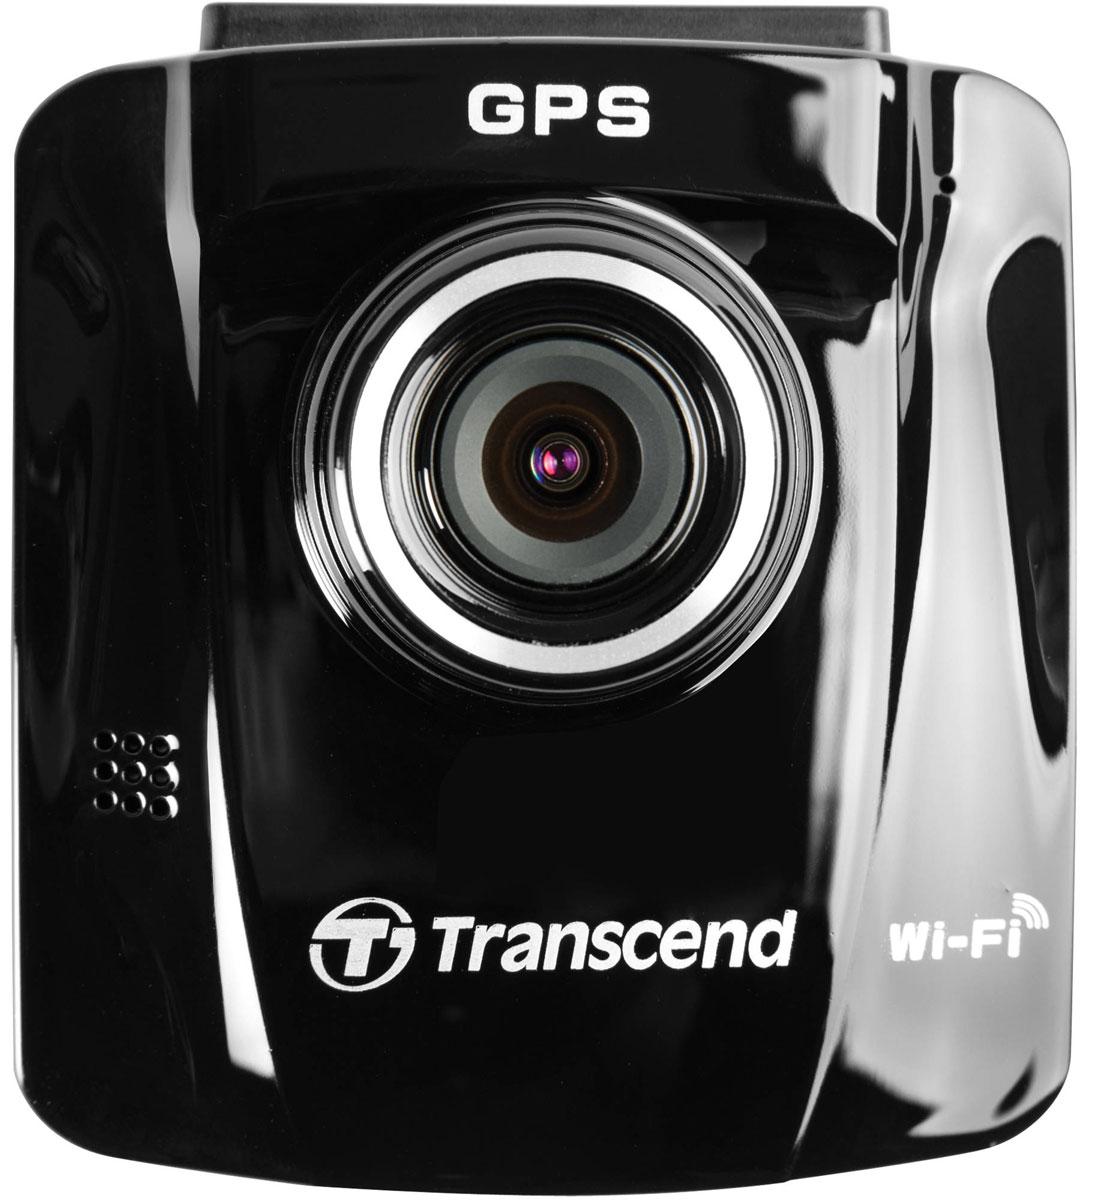 Transcend DrivePro 220 видеорегистратор автомобильный + microSD 16GbTS16GDP220MИ днем, и ночью автомобильный видеорегистратор Transcend DrivePro 220 будет надежным свидетелем во всех ваших поездках. Наличие встроенного аккумулятора, режима экстренной записи, объектива с диафрагмой f/1.8, функции сохранения фотографий, яркого цветного 2,4 ЖК-дисплея — все это обеспечивает максимальное удобство использования. Кроме того, безопасность вождения помогут повысить такие дополнительные функции DrivePro 220 как GPS-приемник, система предупреждения о съезде с текущей полосы движения (LDWS), система предупреждения фронтального столкновения (FCWS), предупреждение о превышении скорости и режим парковки.DrivePro 220 оснащен объективом с большой диафрагмой (f/1.8) и способен автоматически подстраиваться под различные условия освещения, точно фиксируя все детали текущей дорожной обстановки, вне зависимости от времени суток, в том числе, номерные знаки соседних автомобилей. Угол обзора камеры видеорегистратора составляет 130°, а его Full HD-матрица позволяет записывать четкое и плавное видео с частотой 30 кадров/сек и разрешением 1080p.Встроенный приемник GPS позволяет зафиксировать в видеозаписи текущие координаты, дату и время съемки. В случае дорожного происшествия он поможет точно определить ваше местоположение, чтобы вы могли сообщить их технической службе помощи, полиции или страховой компании. Кроме того, используя программное обеспечение для ПК Transcend DrivePro Toolbox, вы сможете просмотреть маршрут своего движения на протяжении всего путешествия, а также другую необходимую информацию, такую как координаты GPS, скорость движения, дату и время.Система предупреждения о съезде с текущей полосы движения (LDWS) предупреждает водителя о возникновении потенциально опасных ситуаций, когда автомобиль съезжает с текущей полосы движения. Система отслеживает дорожную разметку и выводит визуальное предупреждение на дисплей, а также воспроизводит звуковой сигнал, когда автомобиль съезж